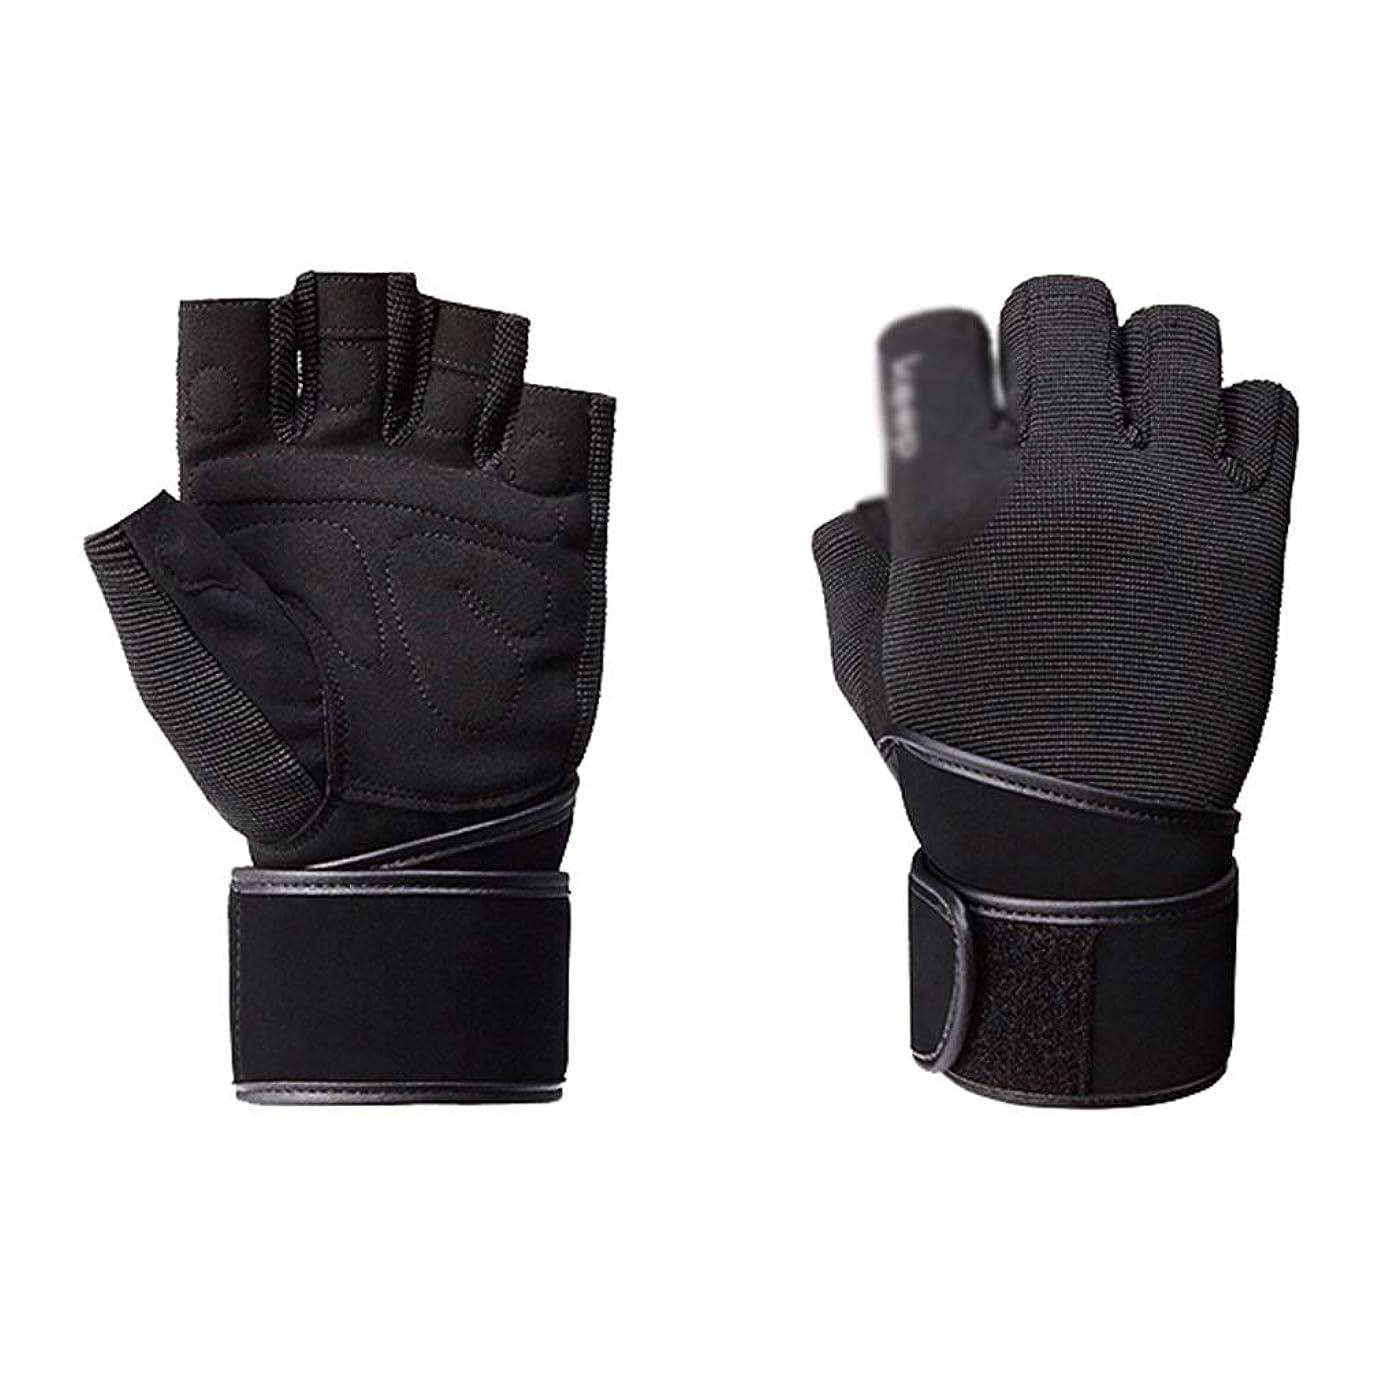 急ぐにぎやか縮れた滑り止めスポーツ手袋、フィットネスアジャスタブルモーション手首保護プルアップ通気性抗足首保護ギア、2本 (Size : 20-22CM)